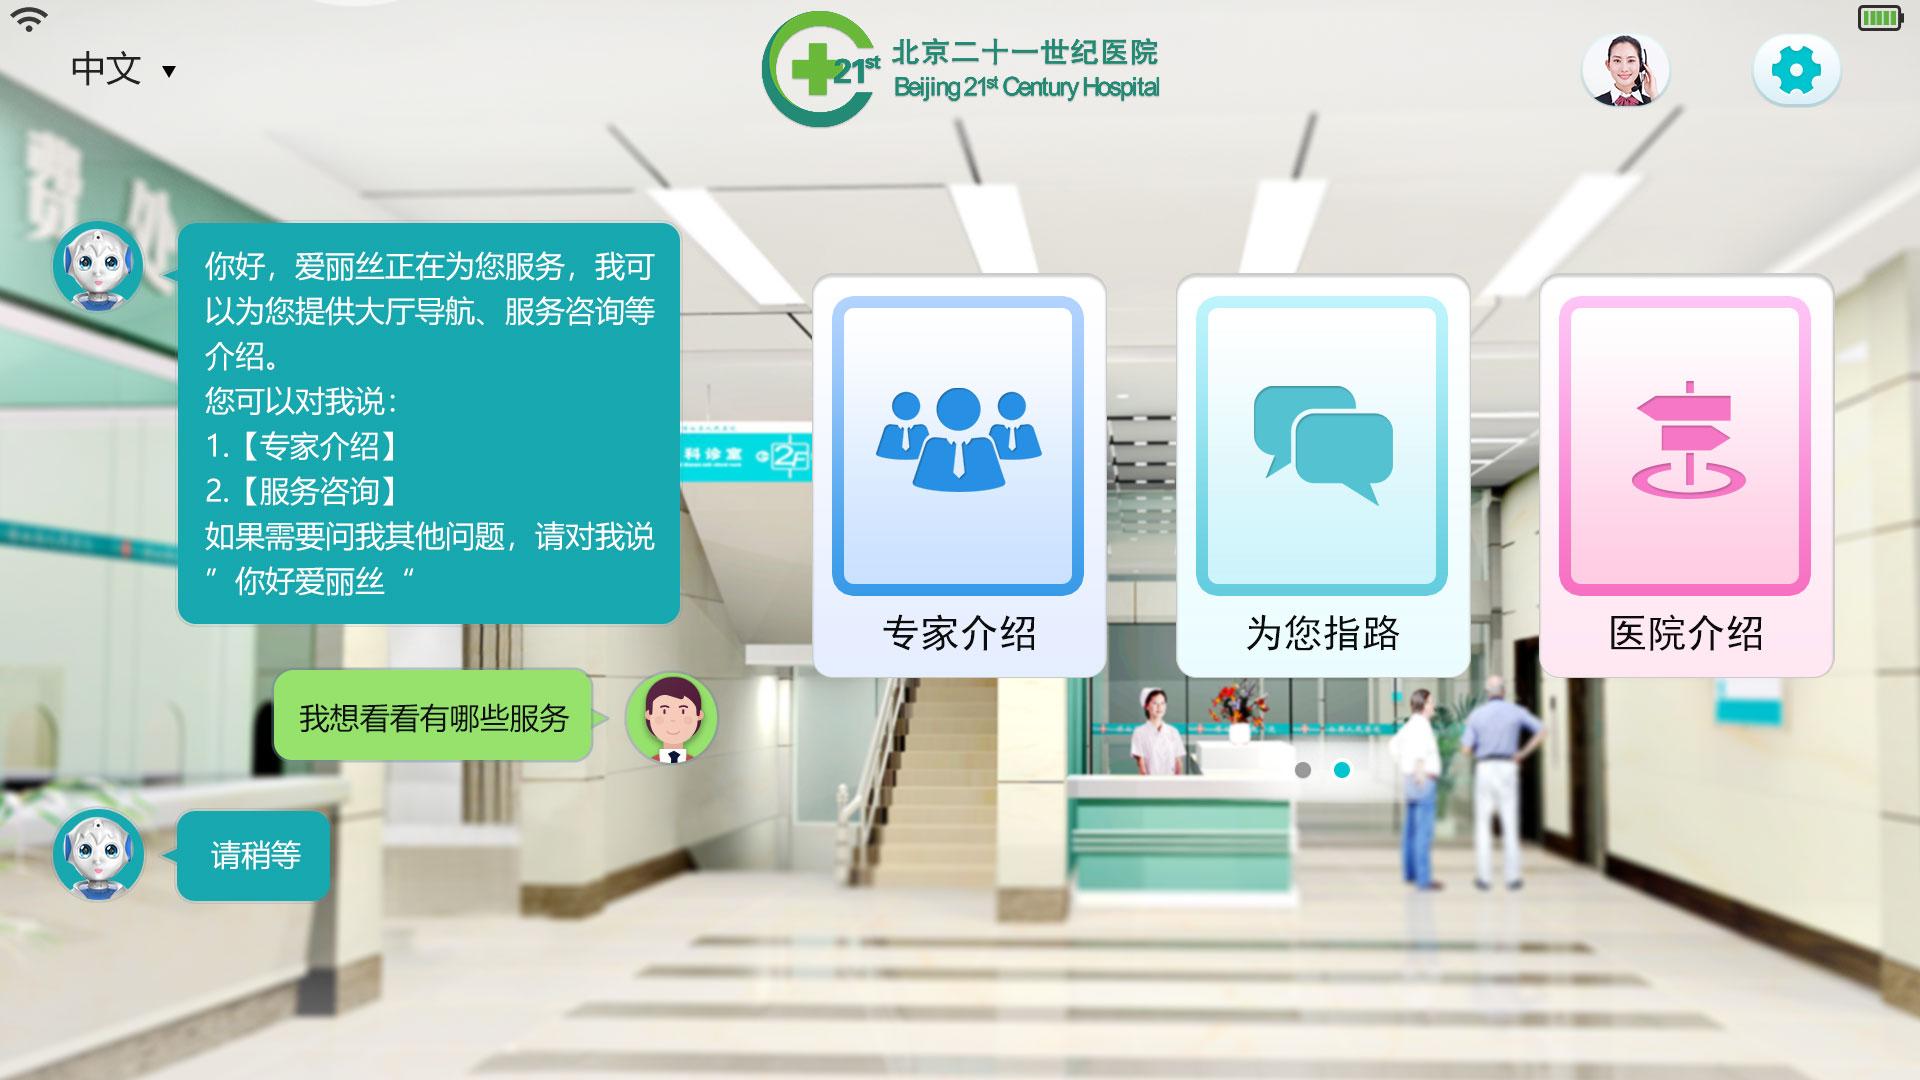 医疗行业主界面